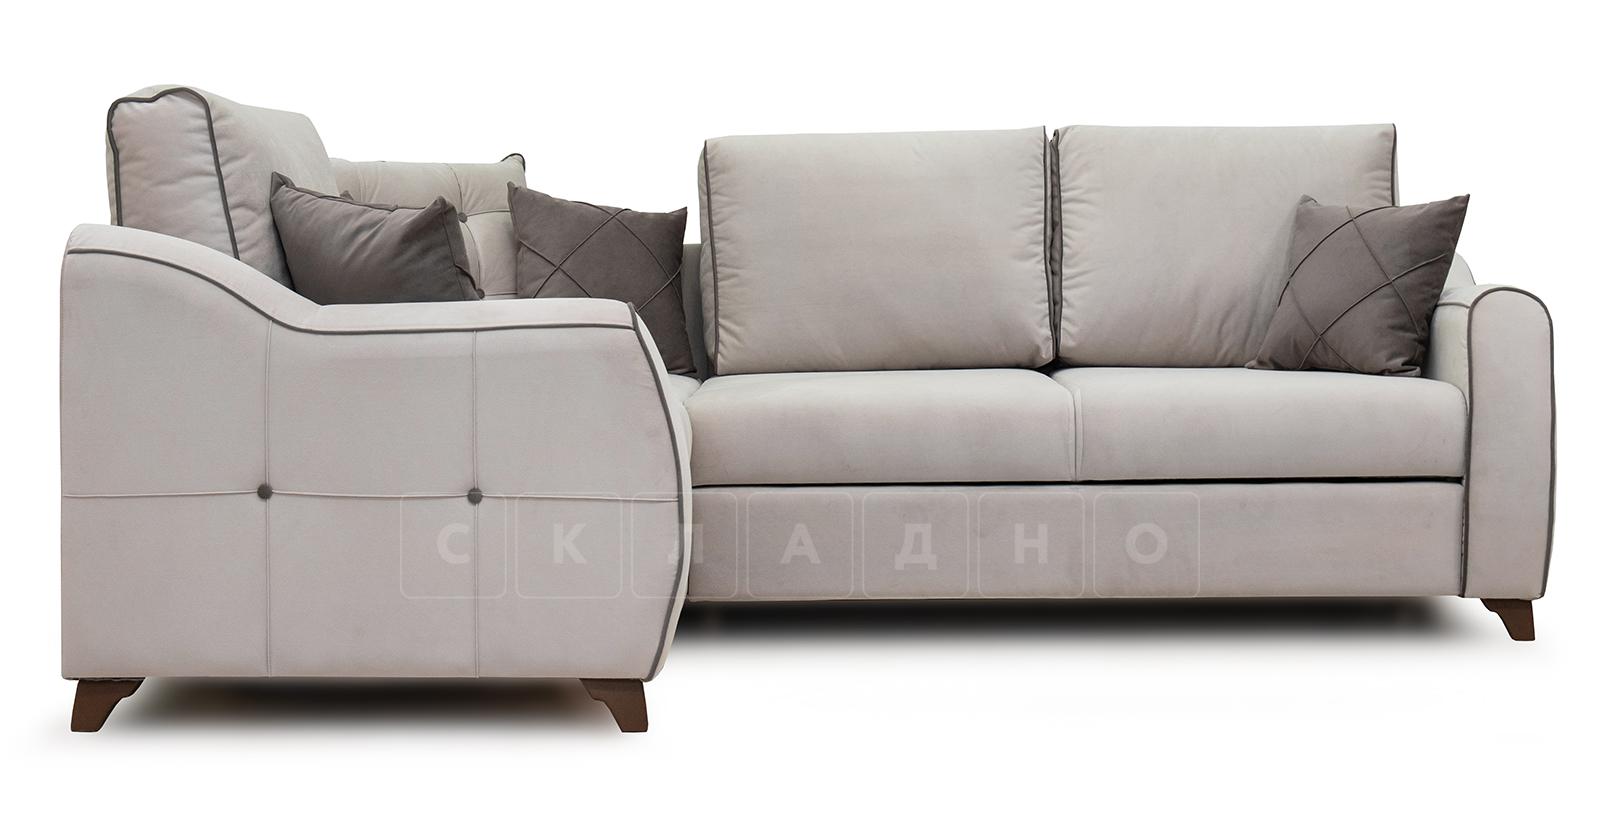 Диван-кровать угловой Флэтфорд серо-бежевый фото 2 | интернет-магазин Складно